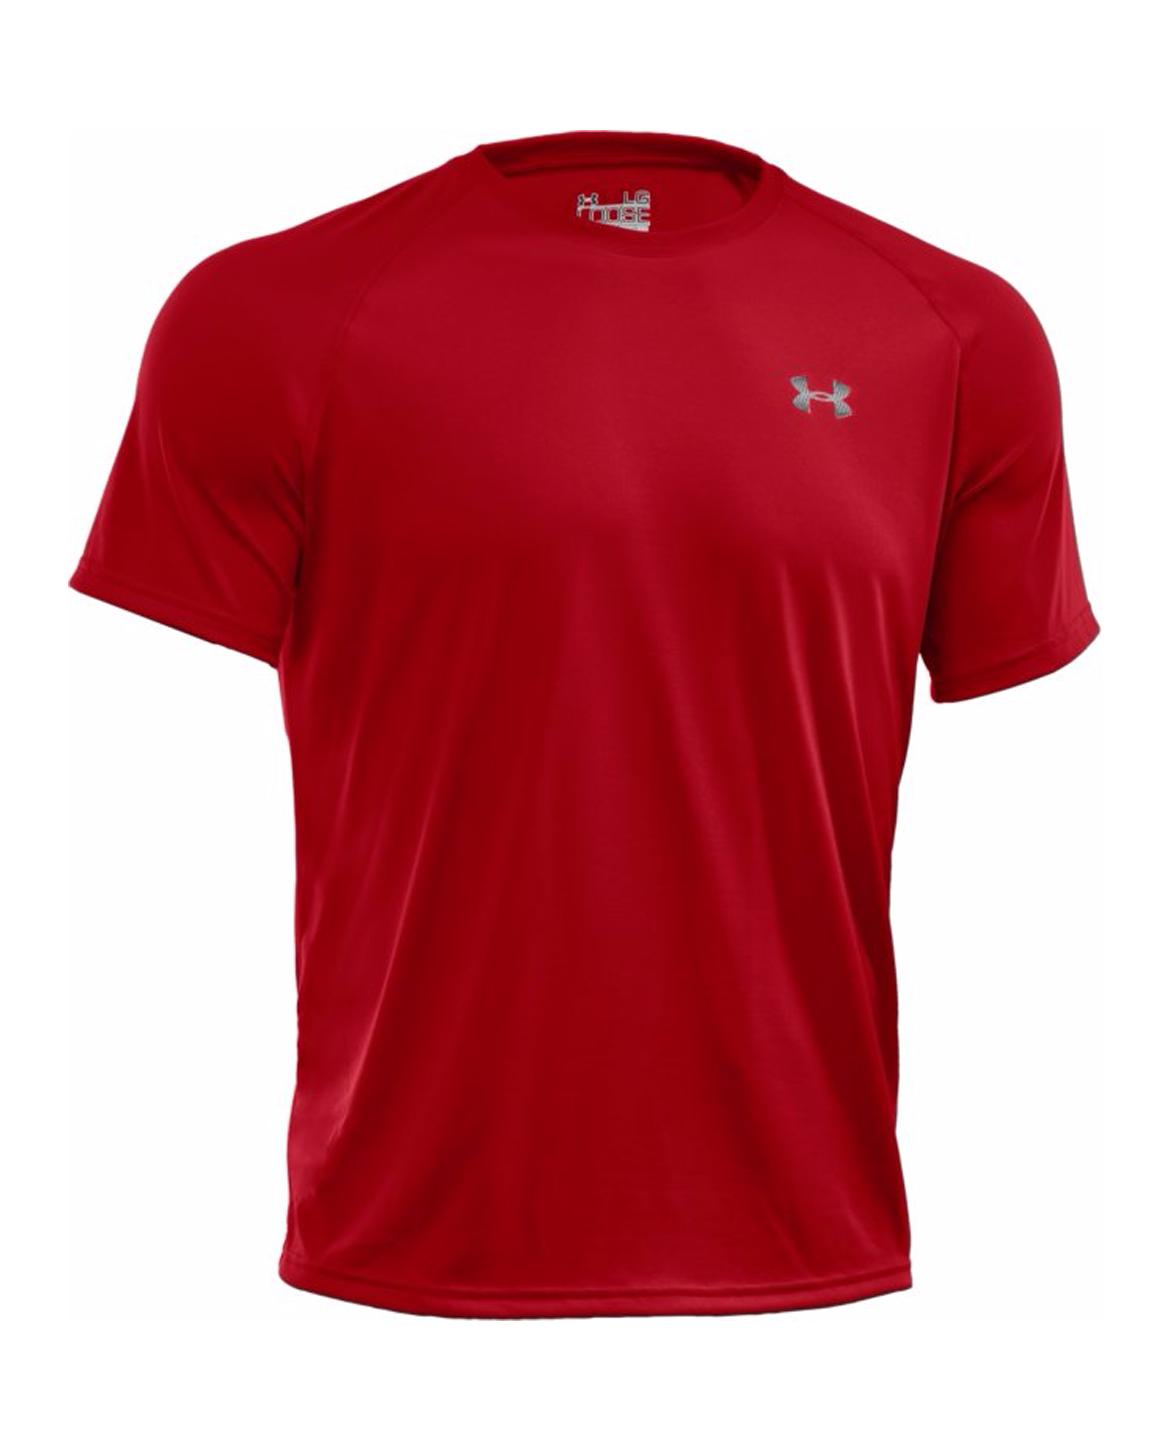 Under Armour 1228539 Men 39 S Tech Short Sleeve T Shirt Tee